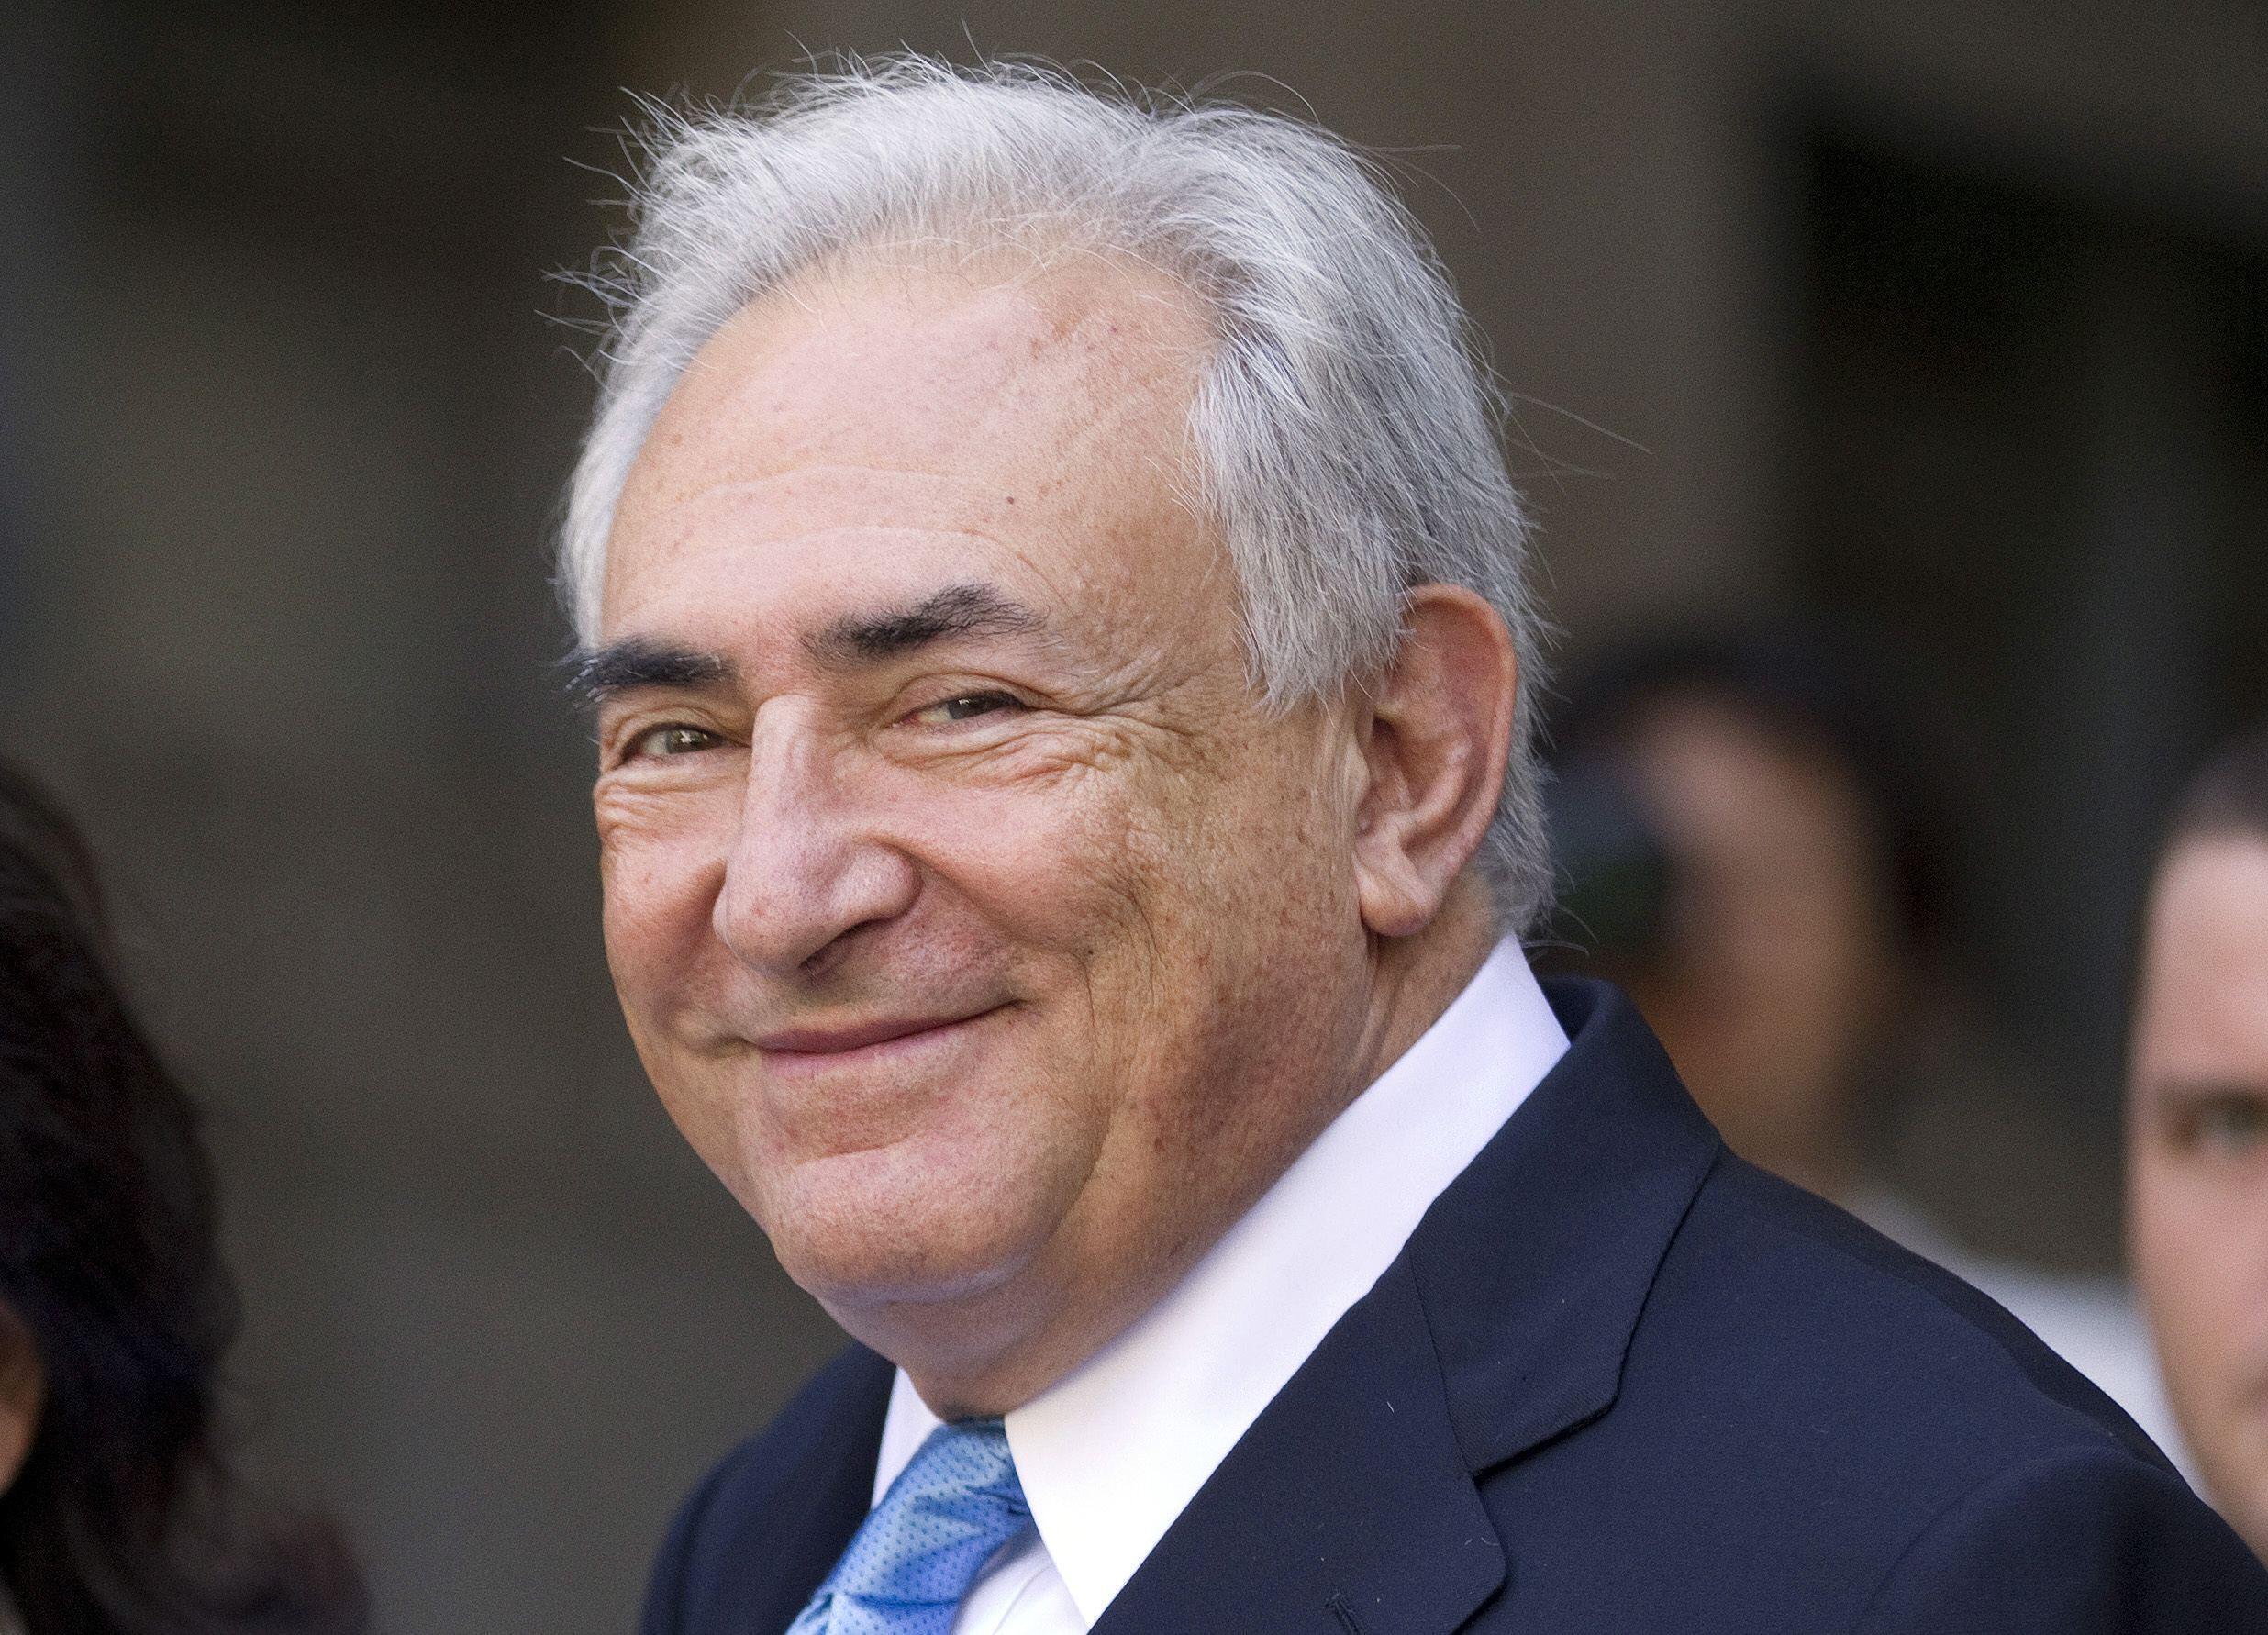 A procuradoria de Nova York retirou as acusações de violação ao ex diretor do FMI, Dominique Strauss-Kahn.